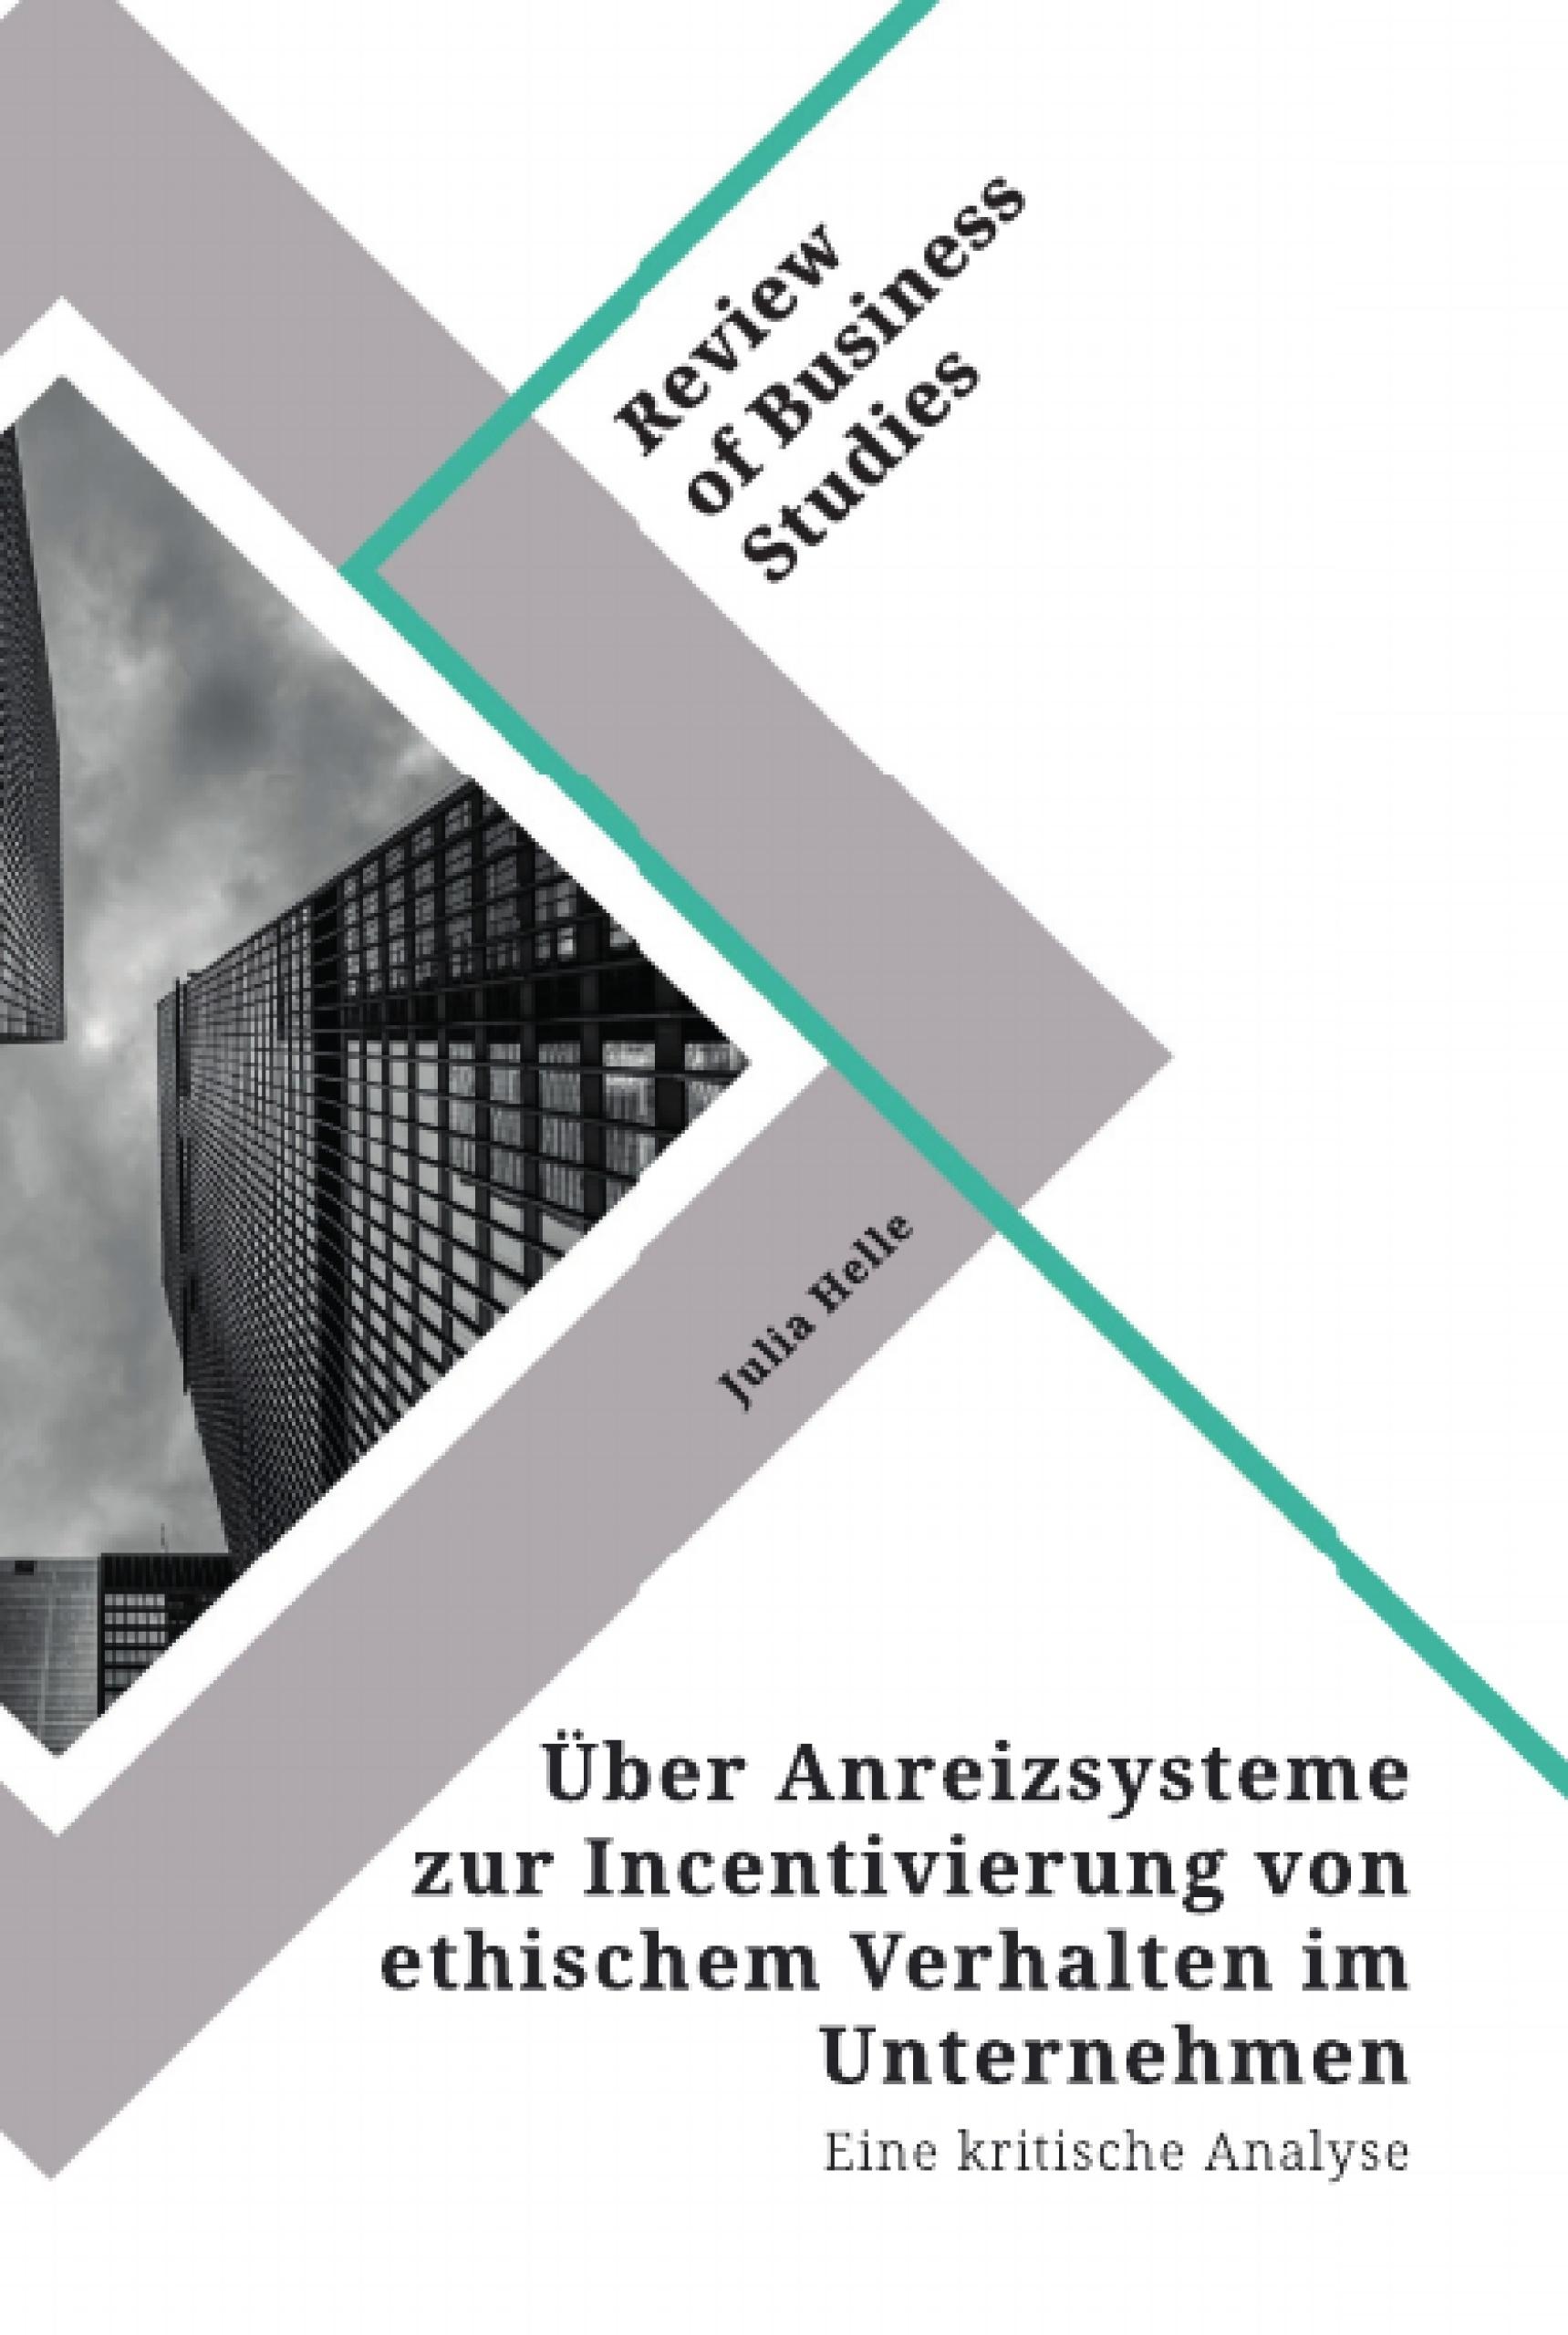 Titel: Über Anreizsysteme zur Incentivierung von ethischem Verhalten im Unternehmen